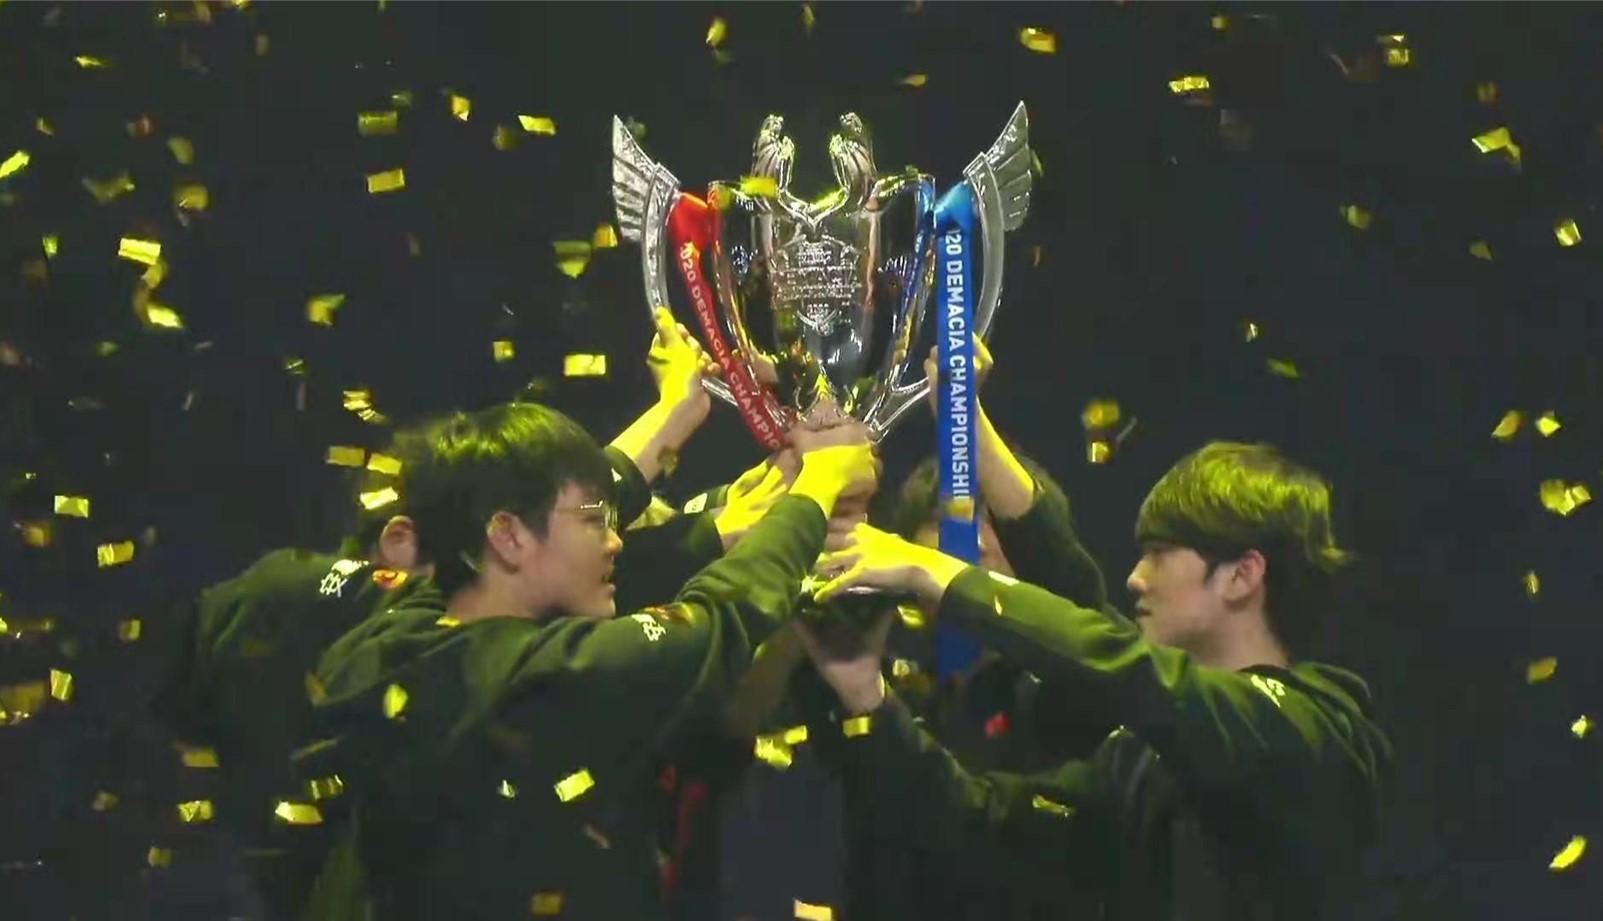 《【煜星娱乐主管】TES德杯夺冠,Knight直言要重铸LPL荣光,Doinb的话应验了》